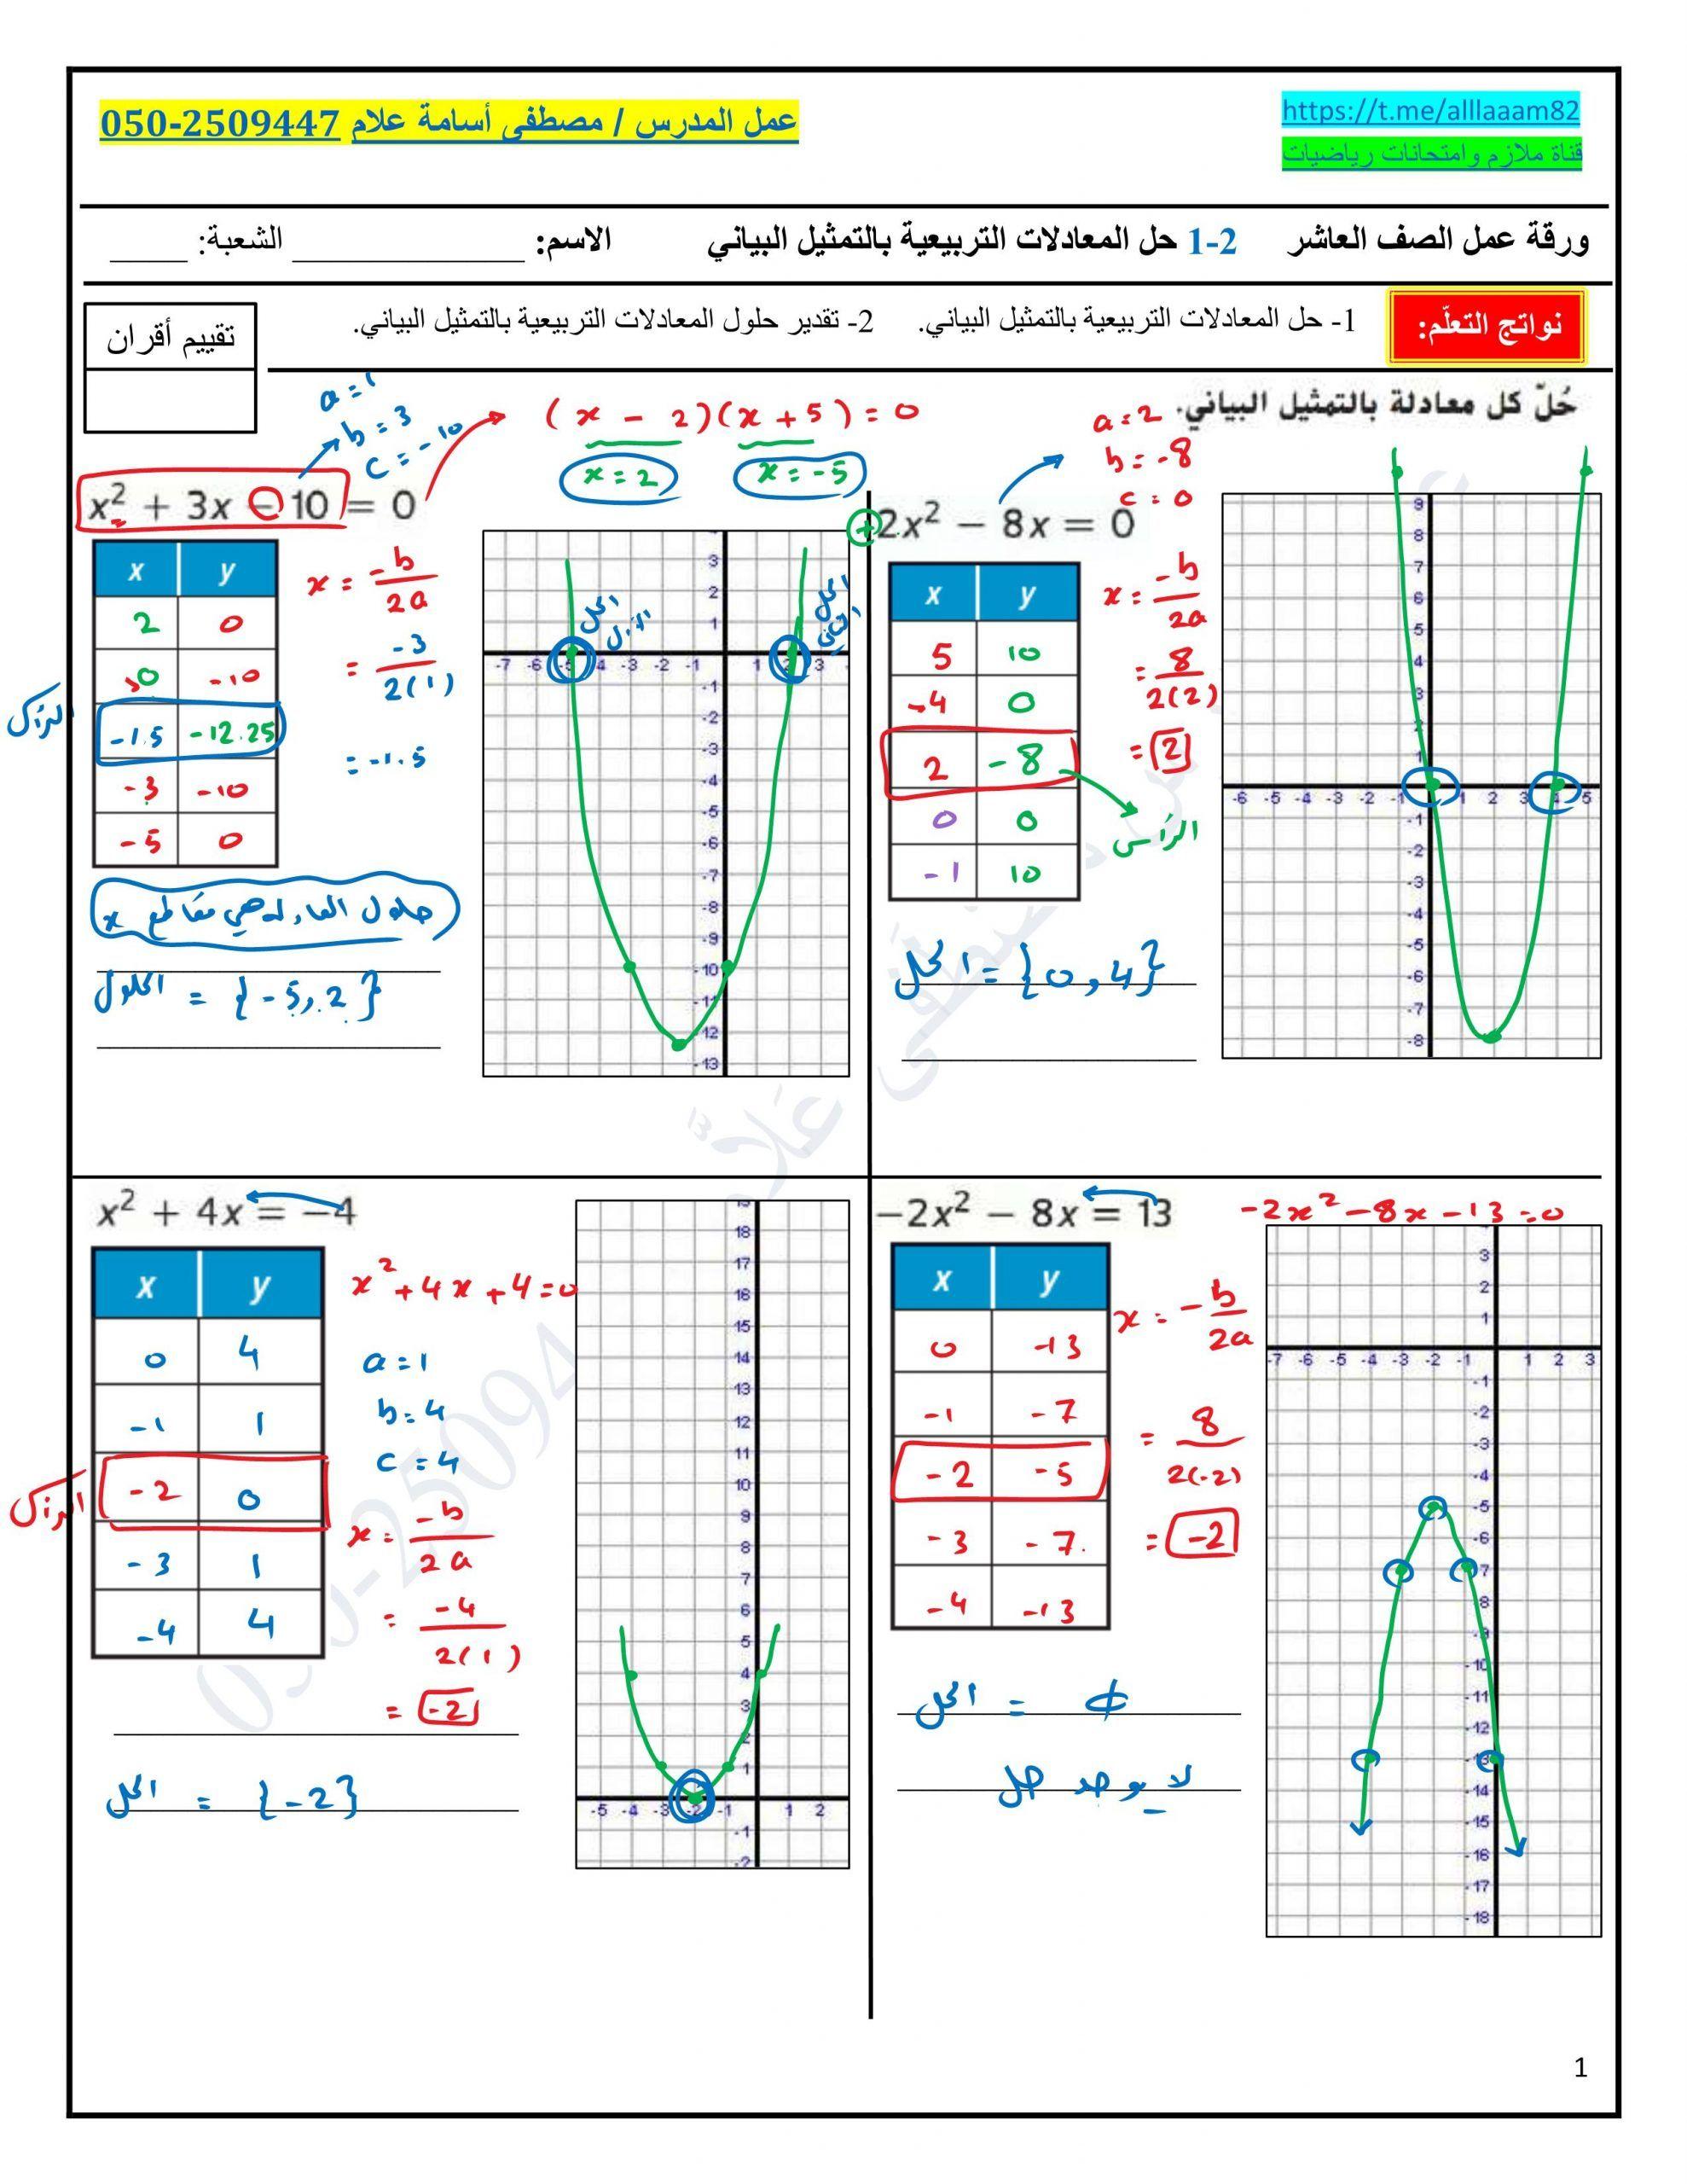 ورقة عمل حل المعادلات التربيعية بالتمثيل البياني مع الاجابات للصف العاشر مادة الرياضيات المتكاملة Map